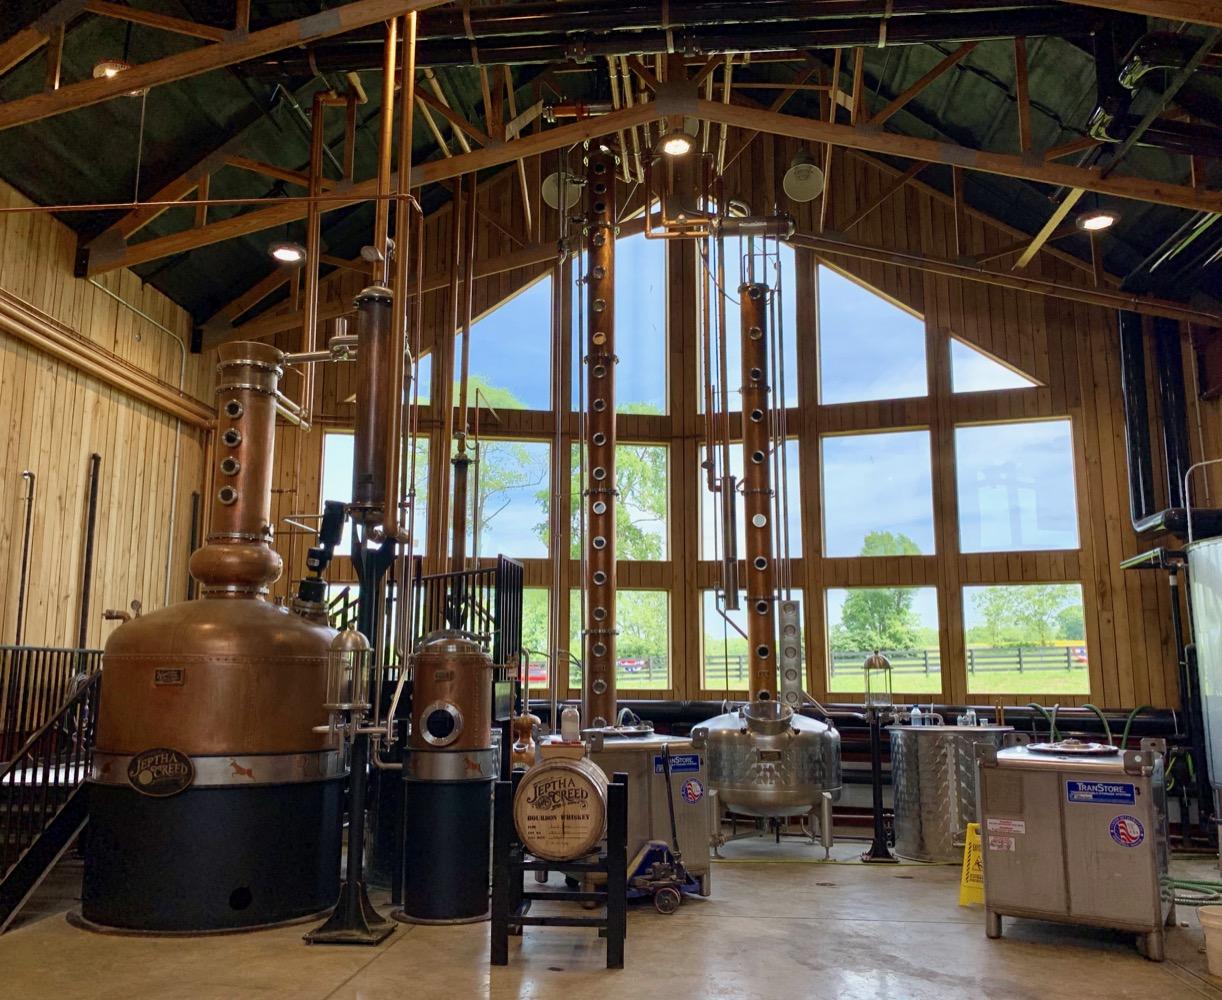 Jeptha Creed Distillery Stills